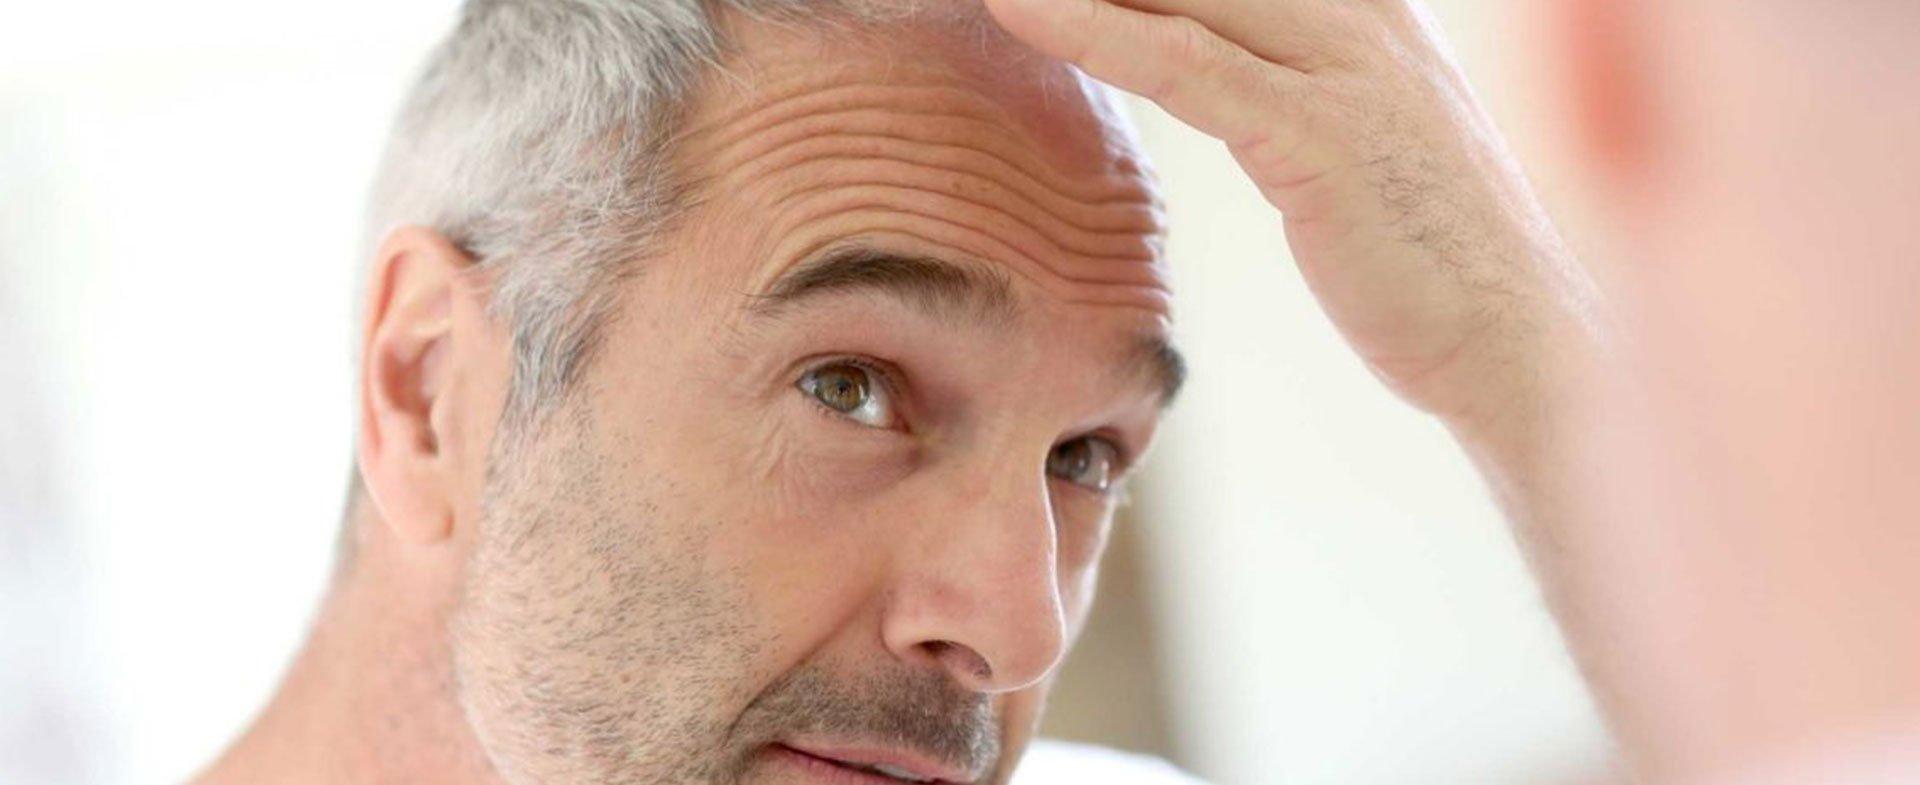 Testosterona y calvicie –  Causas y etapas de la pérdida de cabello